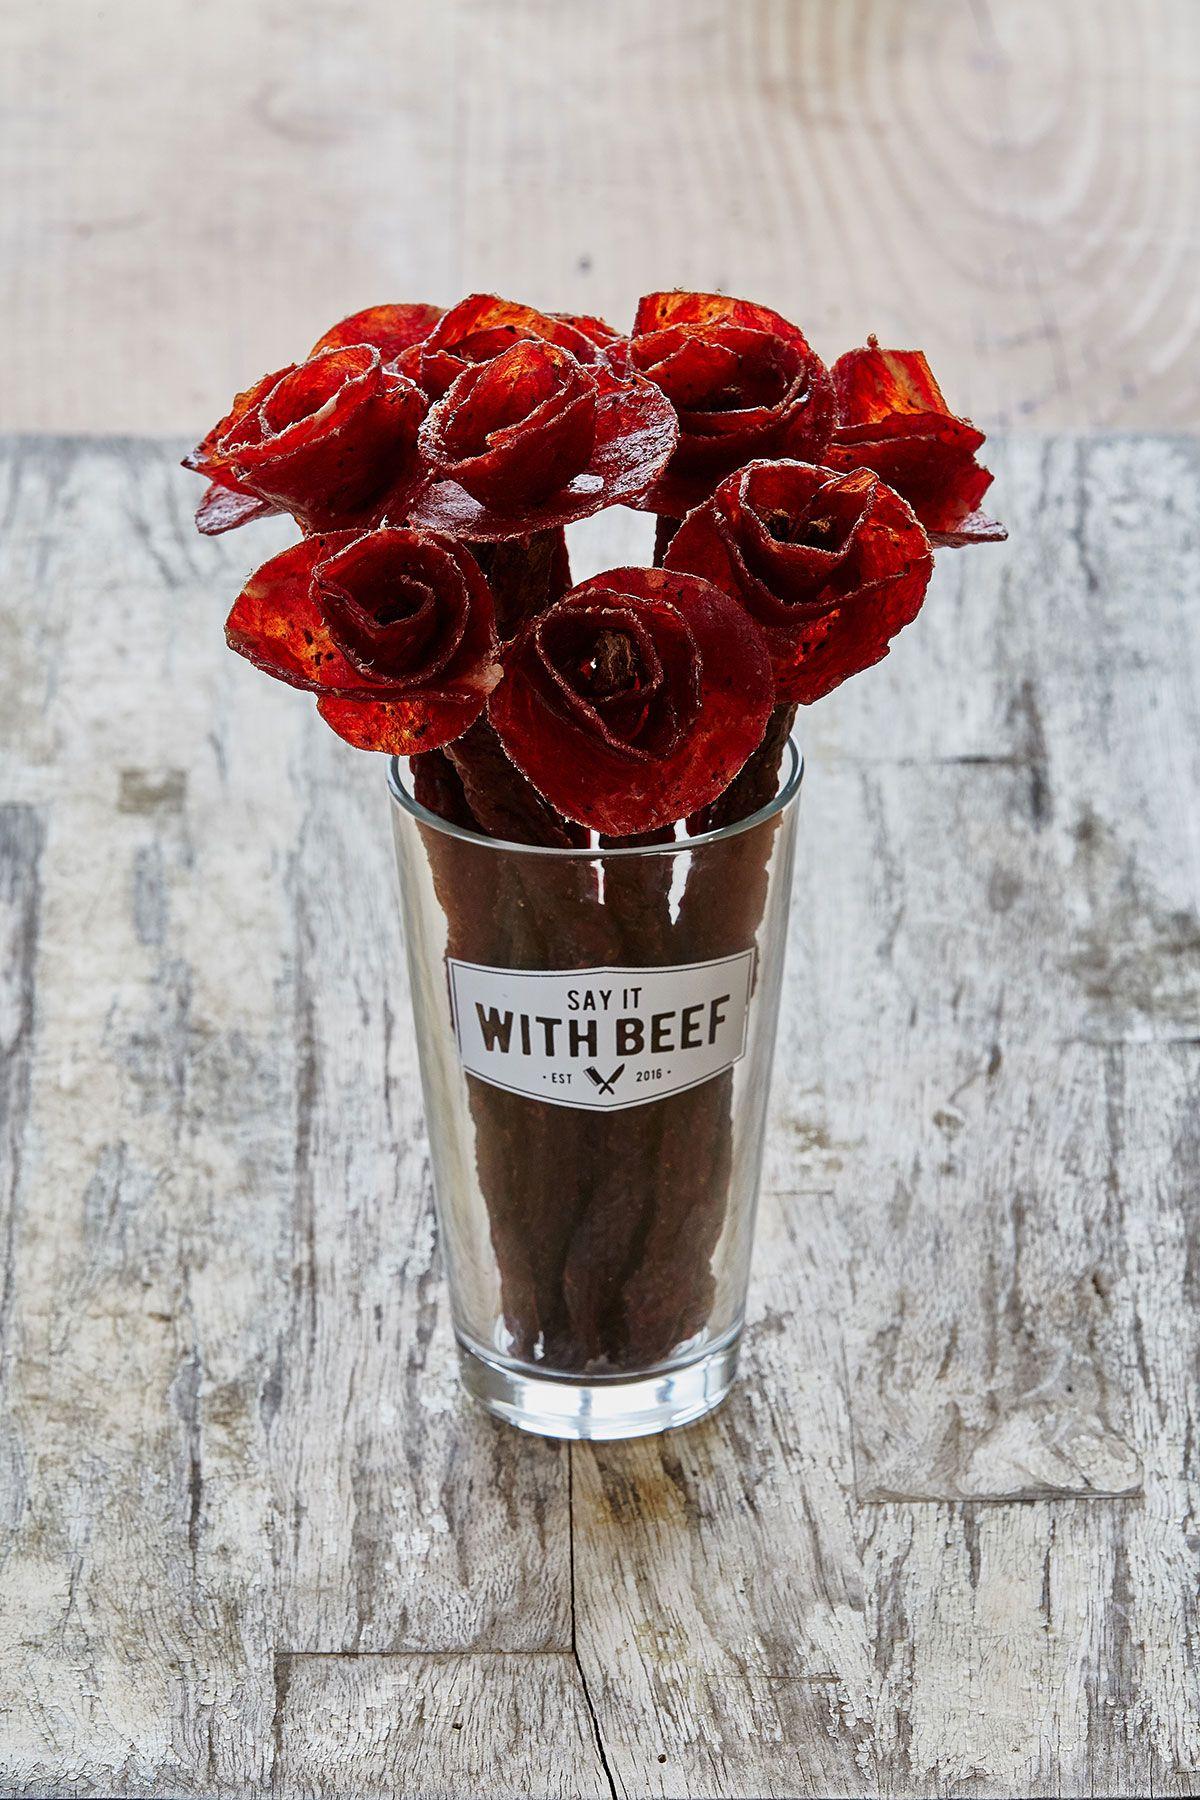 Broquets Are Beautiful Beef Jerky Floral Arrangements   Beef jerky ...